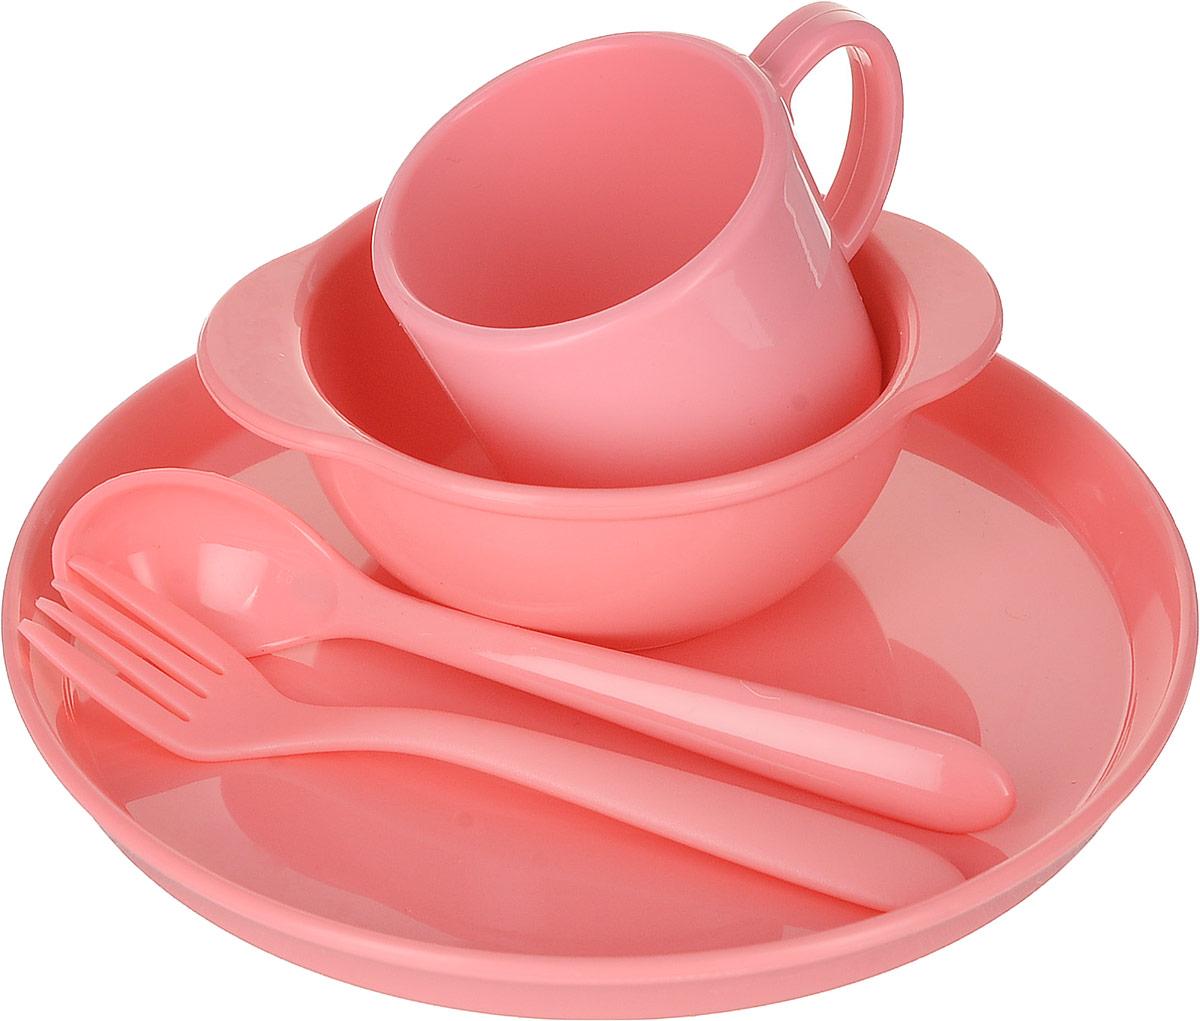 Набор посуды для детей Dosh Home Amila Kids, цвет: розовый. 400211400211Детский набор посуды сочетает в себе изысканный дизайн с максимальной функциональностью. В набор входят миска, тарелка, кружка, вилка, ложка. Предметы набора выполнены из высококачественного силикона. Набор упакован в красочную, подарочную упаковку.Силикон не впитывает запах и вкус продуктов, устойчив к царапинам. Подходит для микроволновой печи, холодильника. Можно мыть в посудомоечной машине. Мыть обычными моющими средствами, не использовать агрессивные вещества, металлические мочалки, острые предметы и т.д.